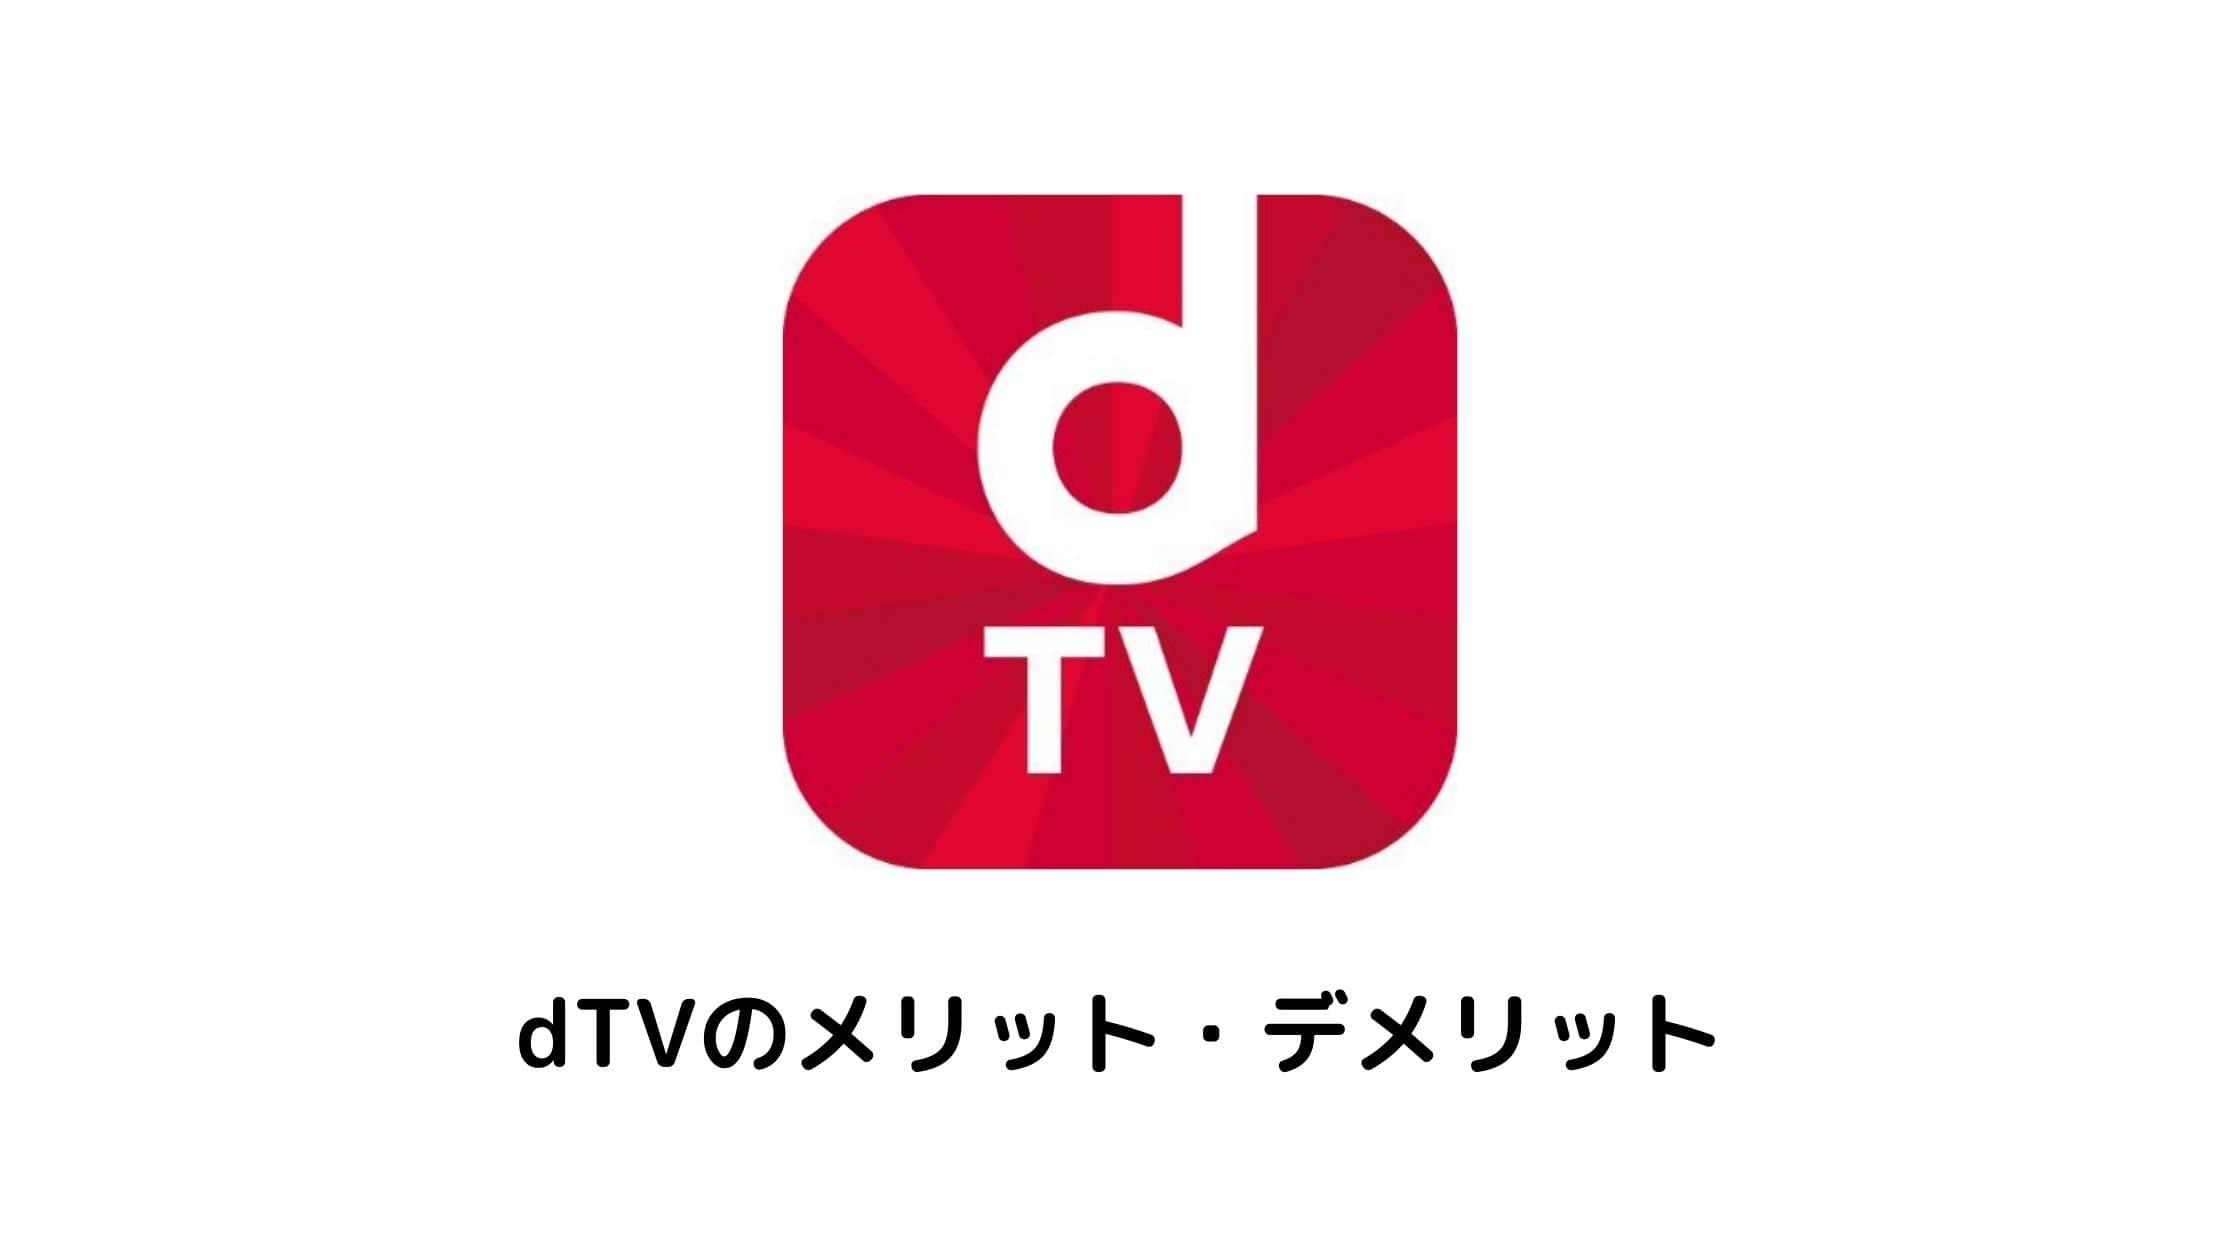 dTVのメリット・デメリットの画像